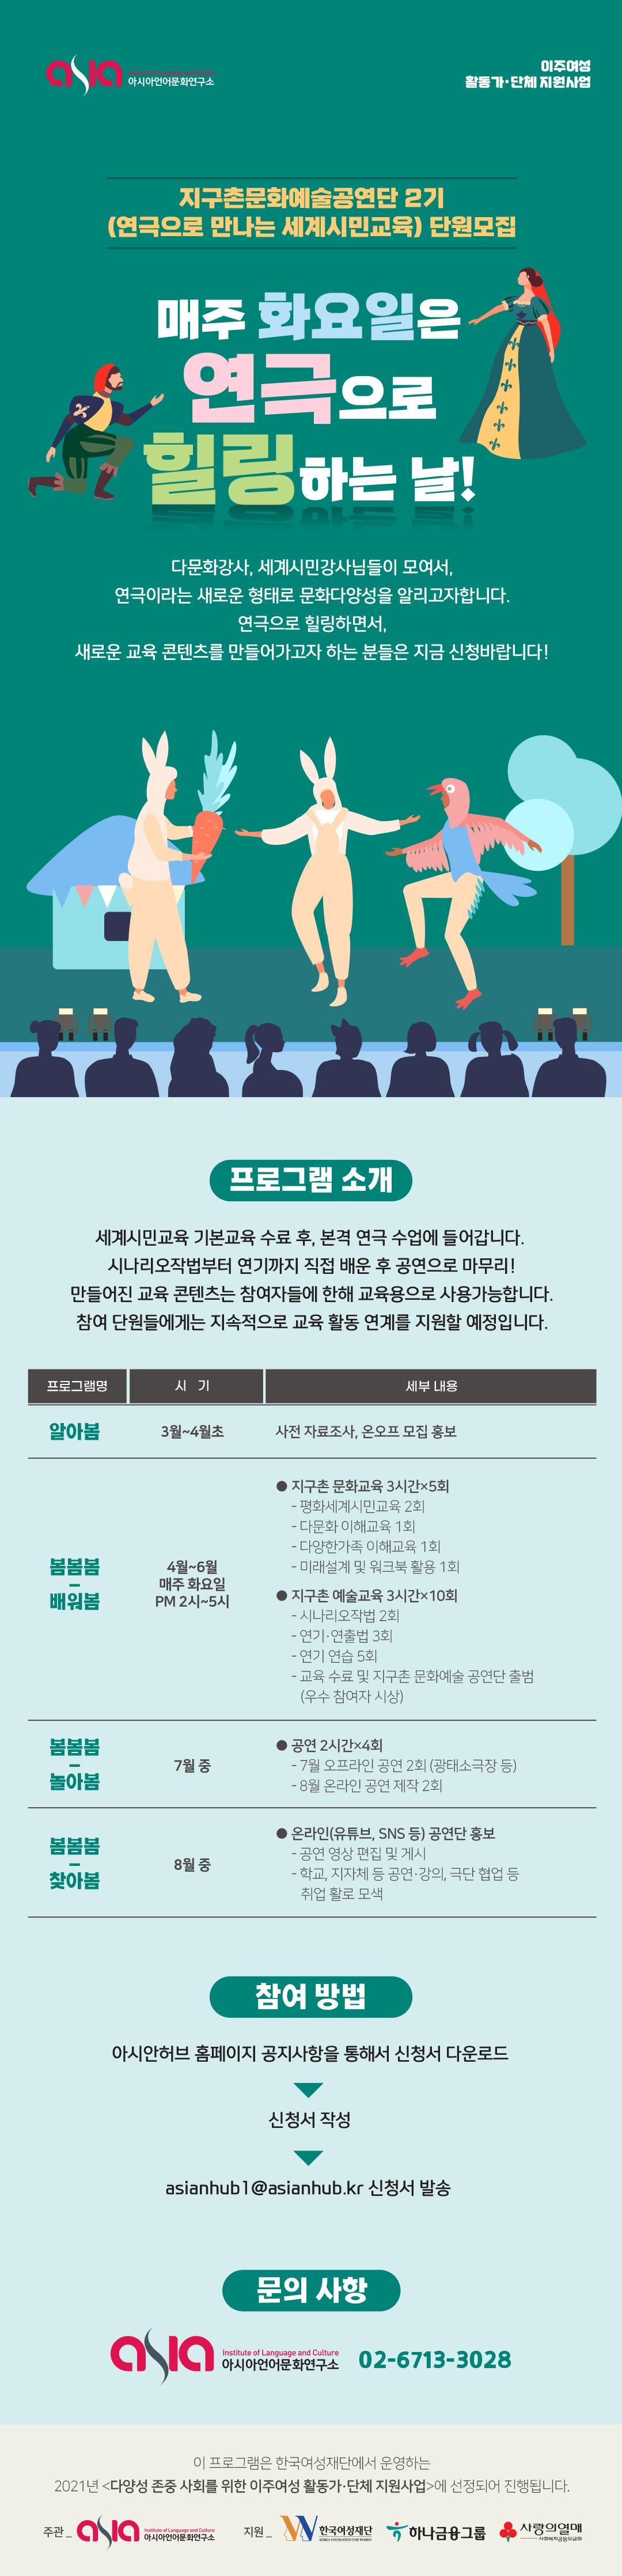 0325_W1080_이주여성 활동가 단체 지원사업 웹자보-1.jpg